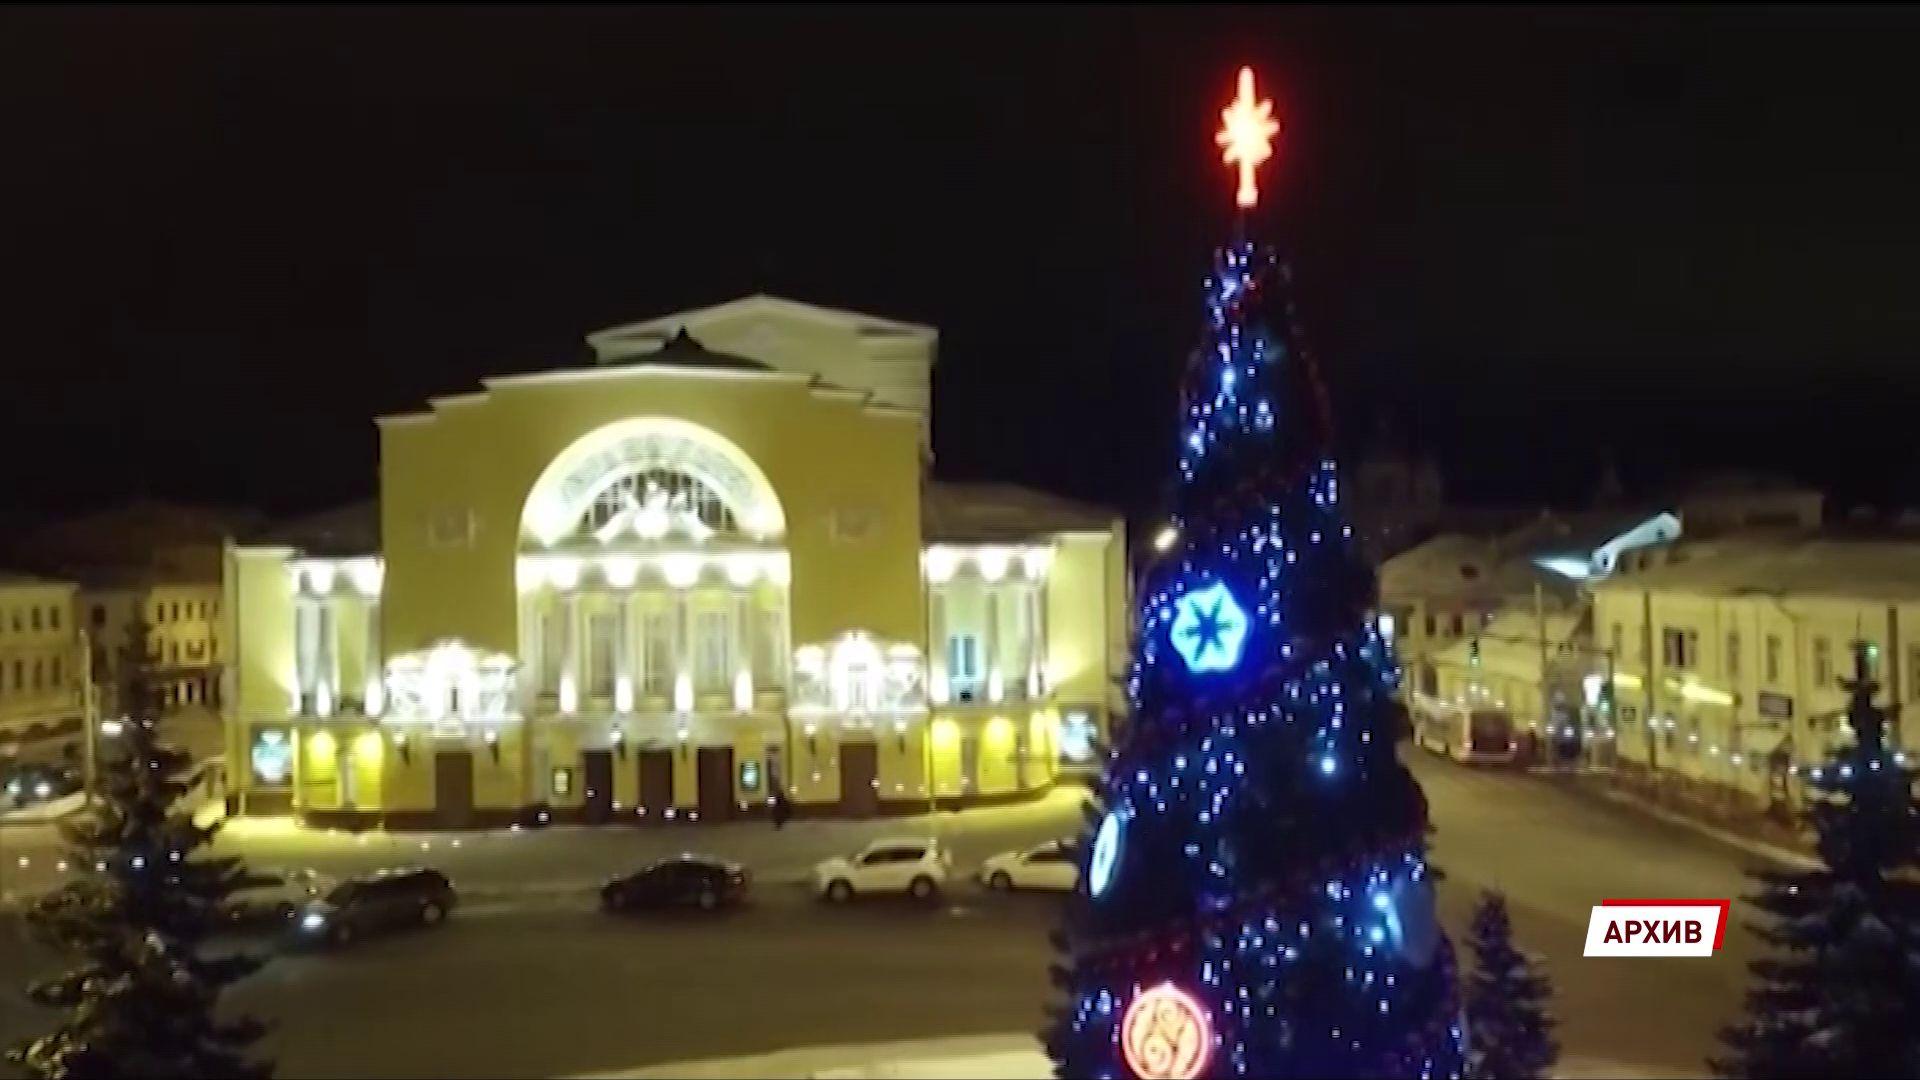 Минтруд отменил предложение о сокращении зимних каникул